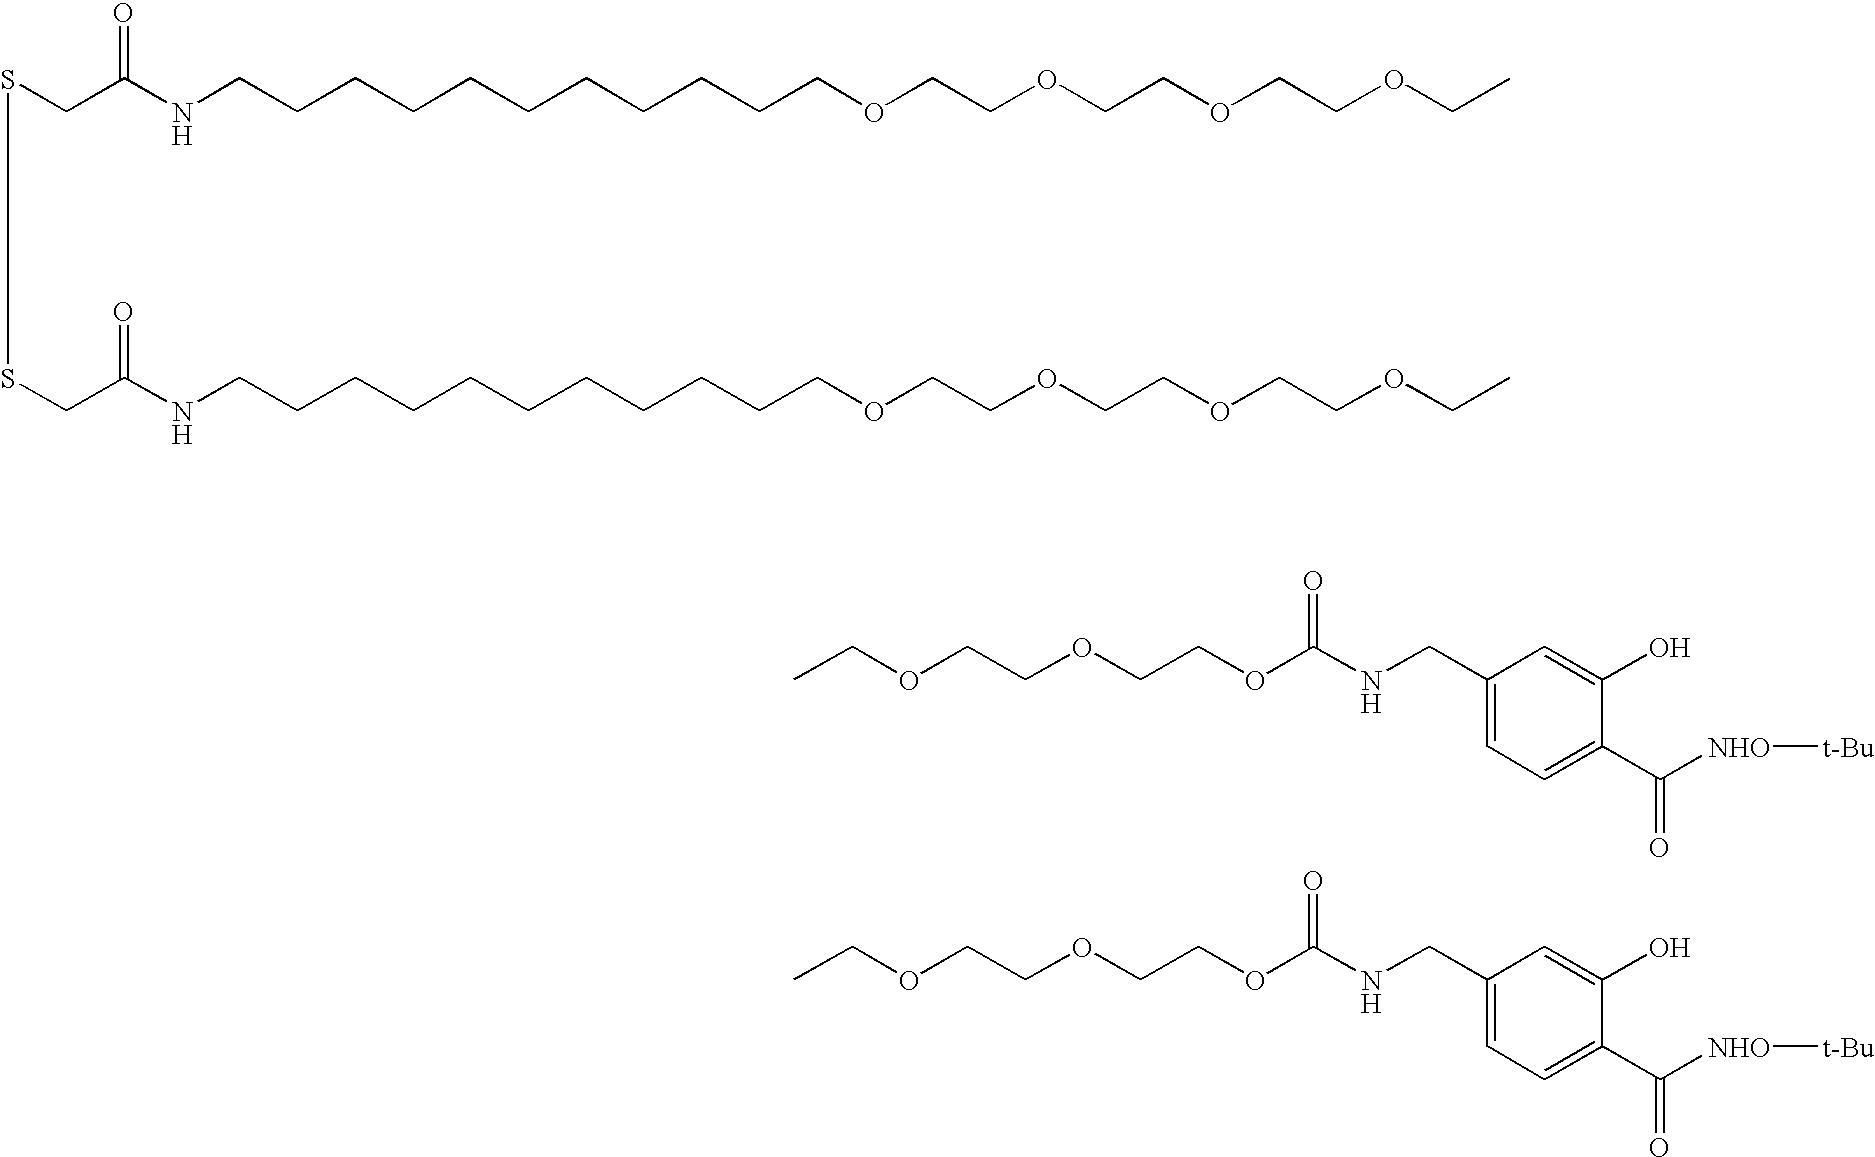 Figure US20030032202A1-20030213-C00030